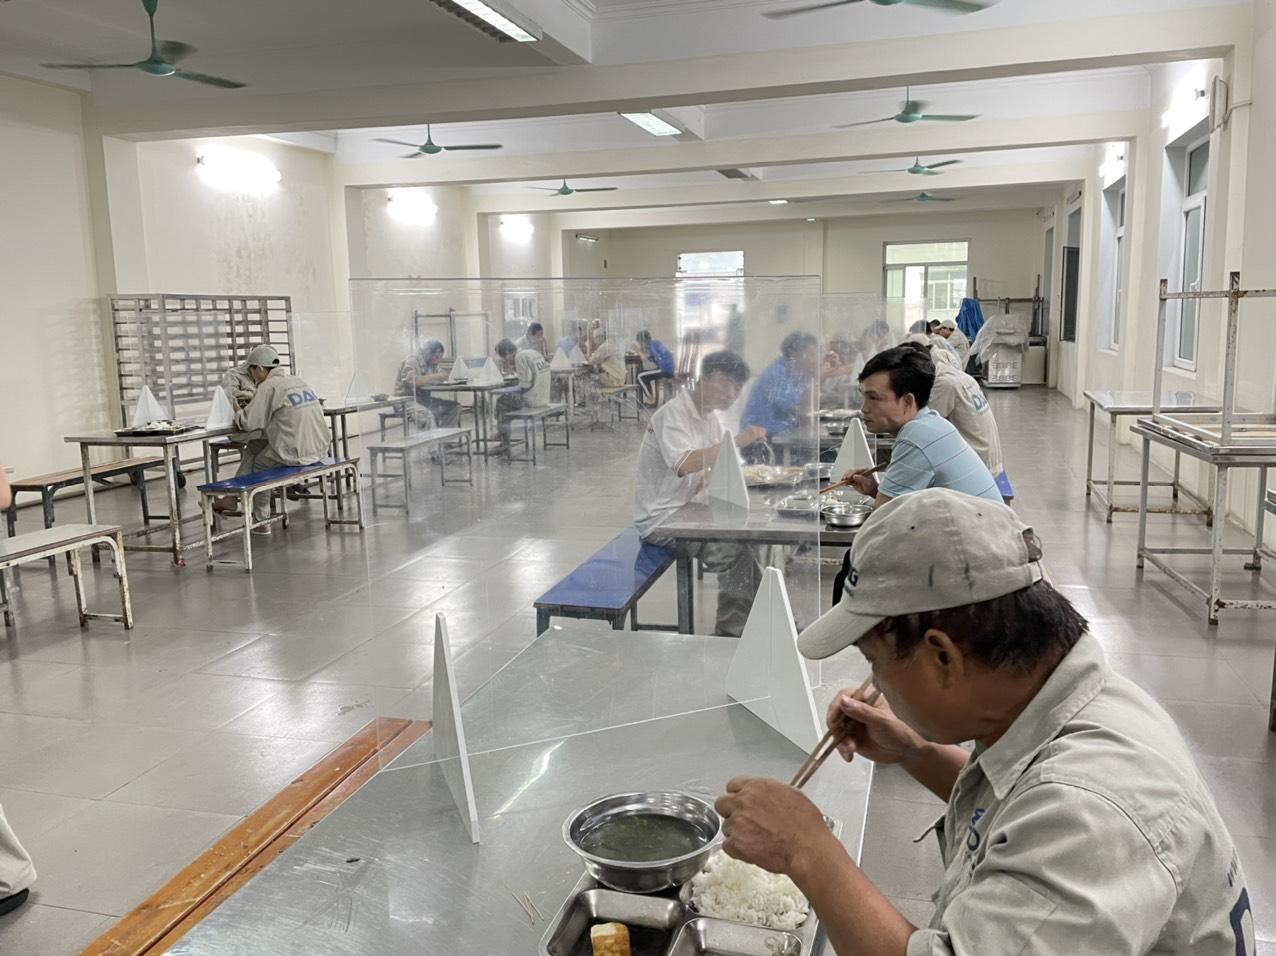 DAG thực hiện việc chống dịch COVID-19 tại bếp ăn tập thể theo hướng dẫn của Bộ Y tế